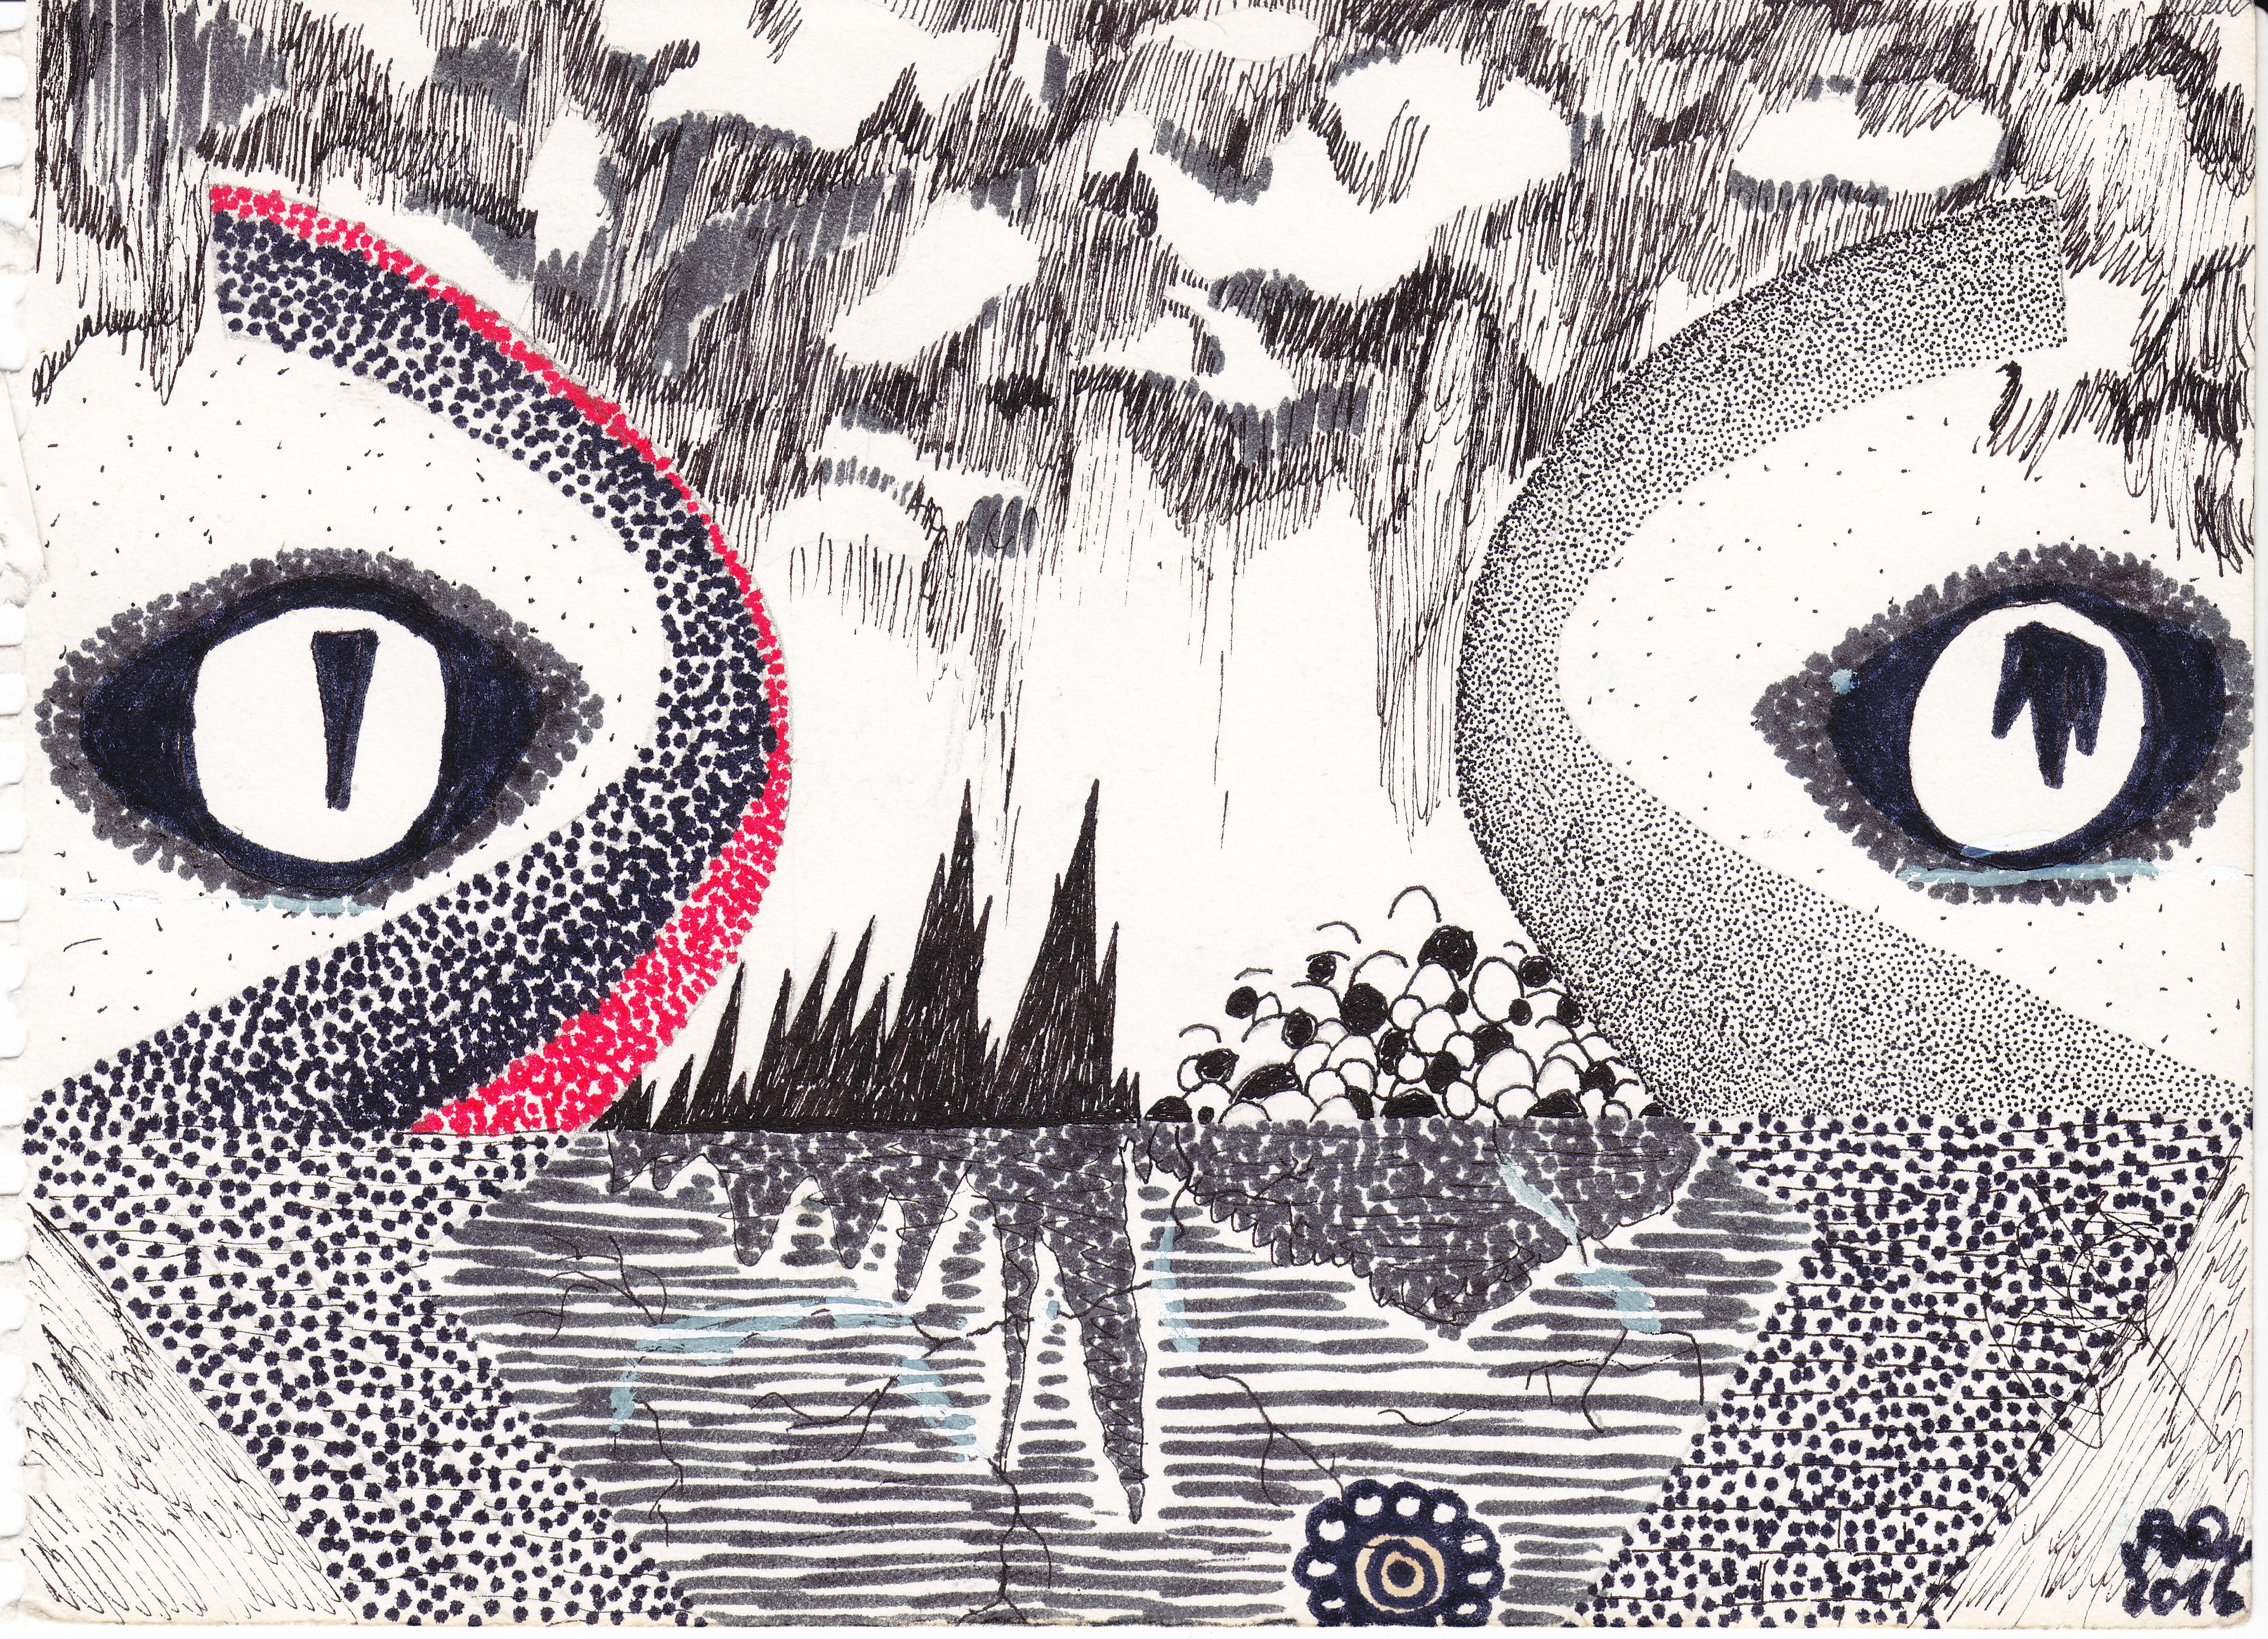 Das Augenpaar; 2016; Tusche, Filzstift; imachd.